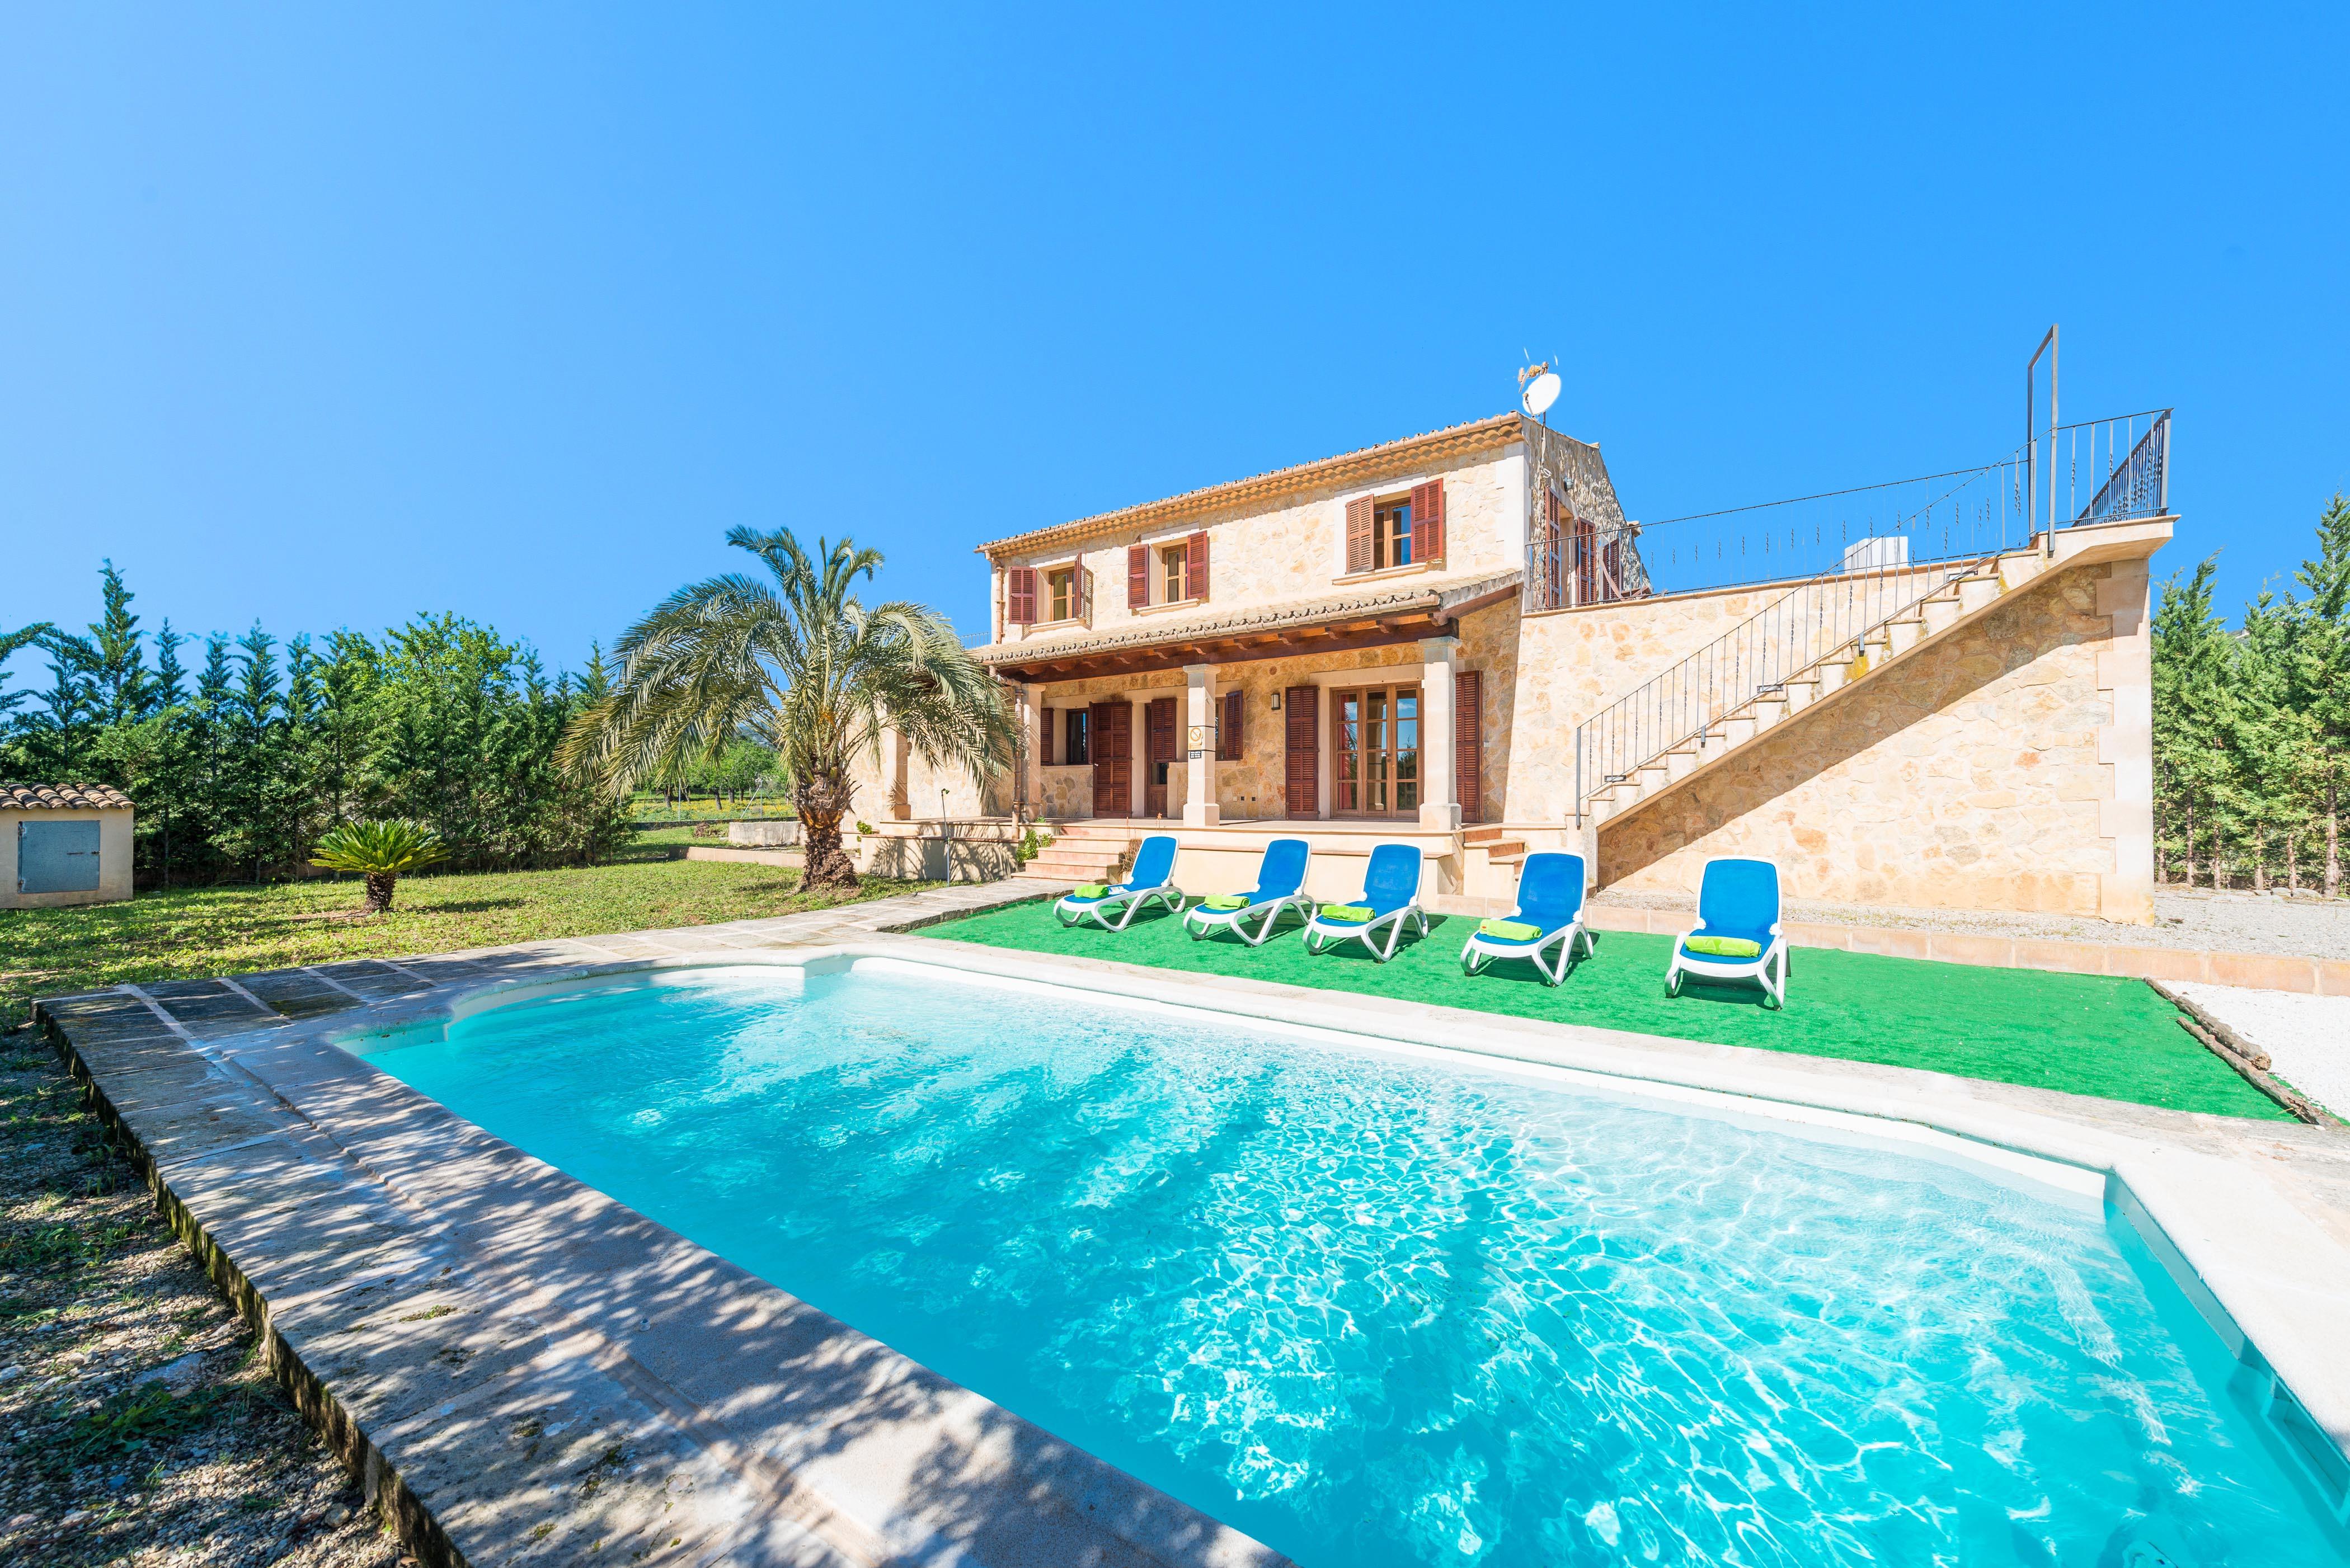 Ferienhaus BONA VIDA (1956241), Selva (ES), Mallorca, Balearische Inseln, Spanien, Bild 5